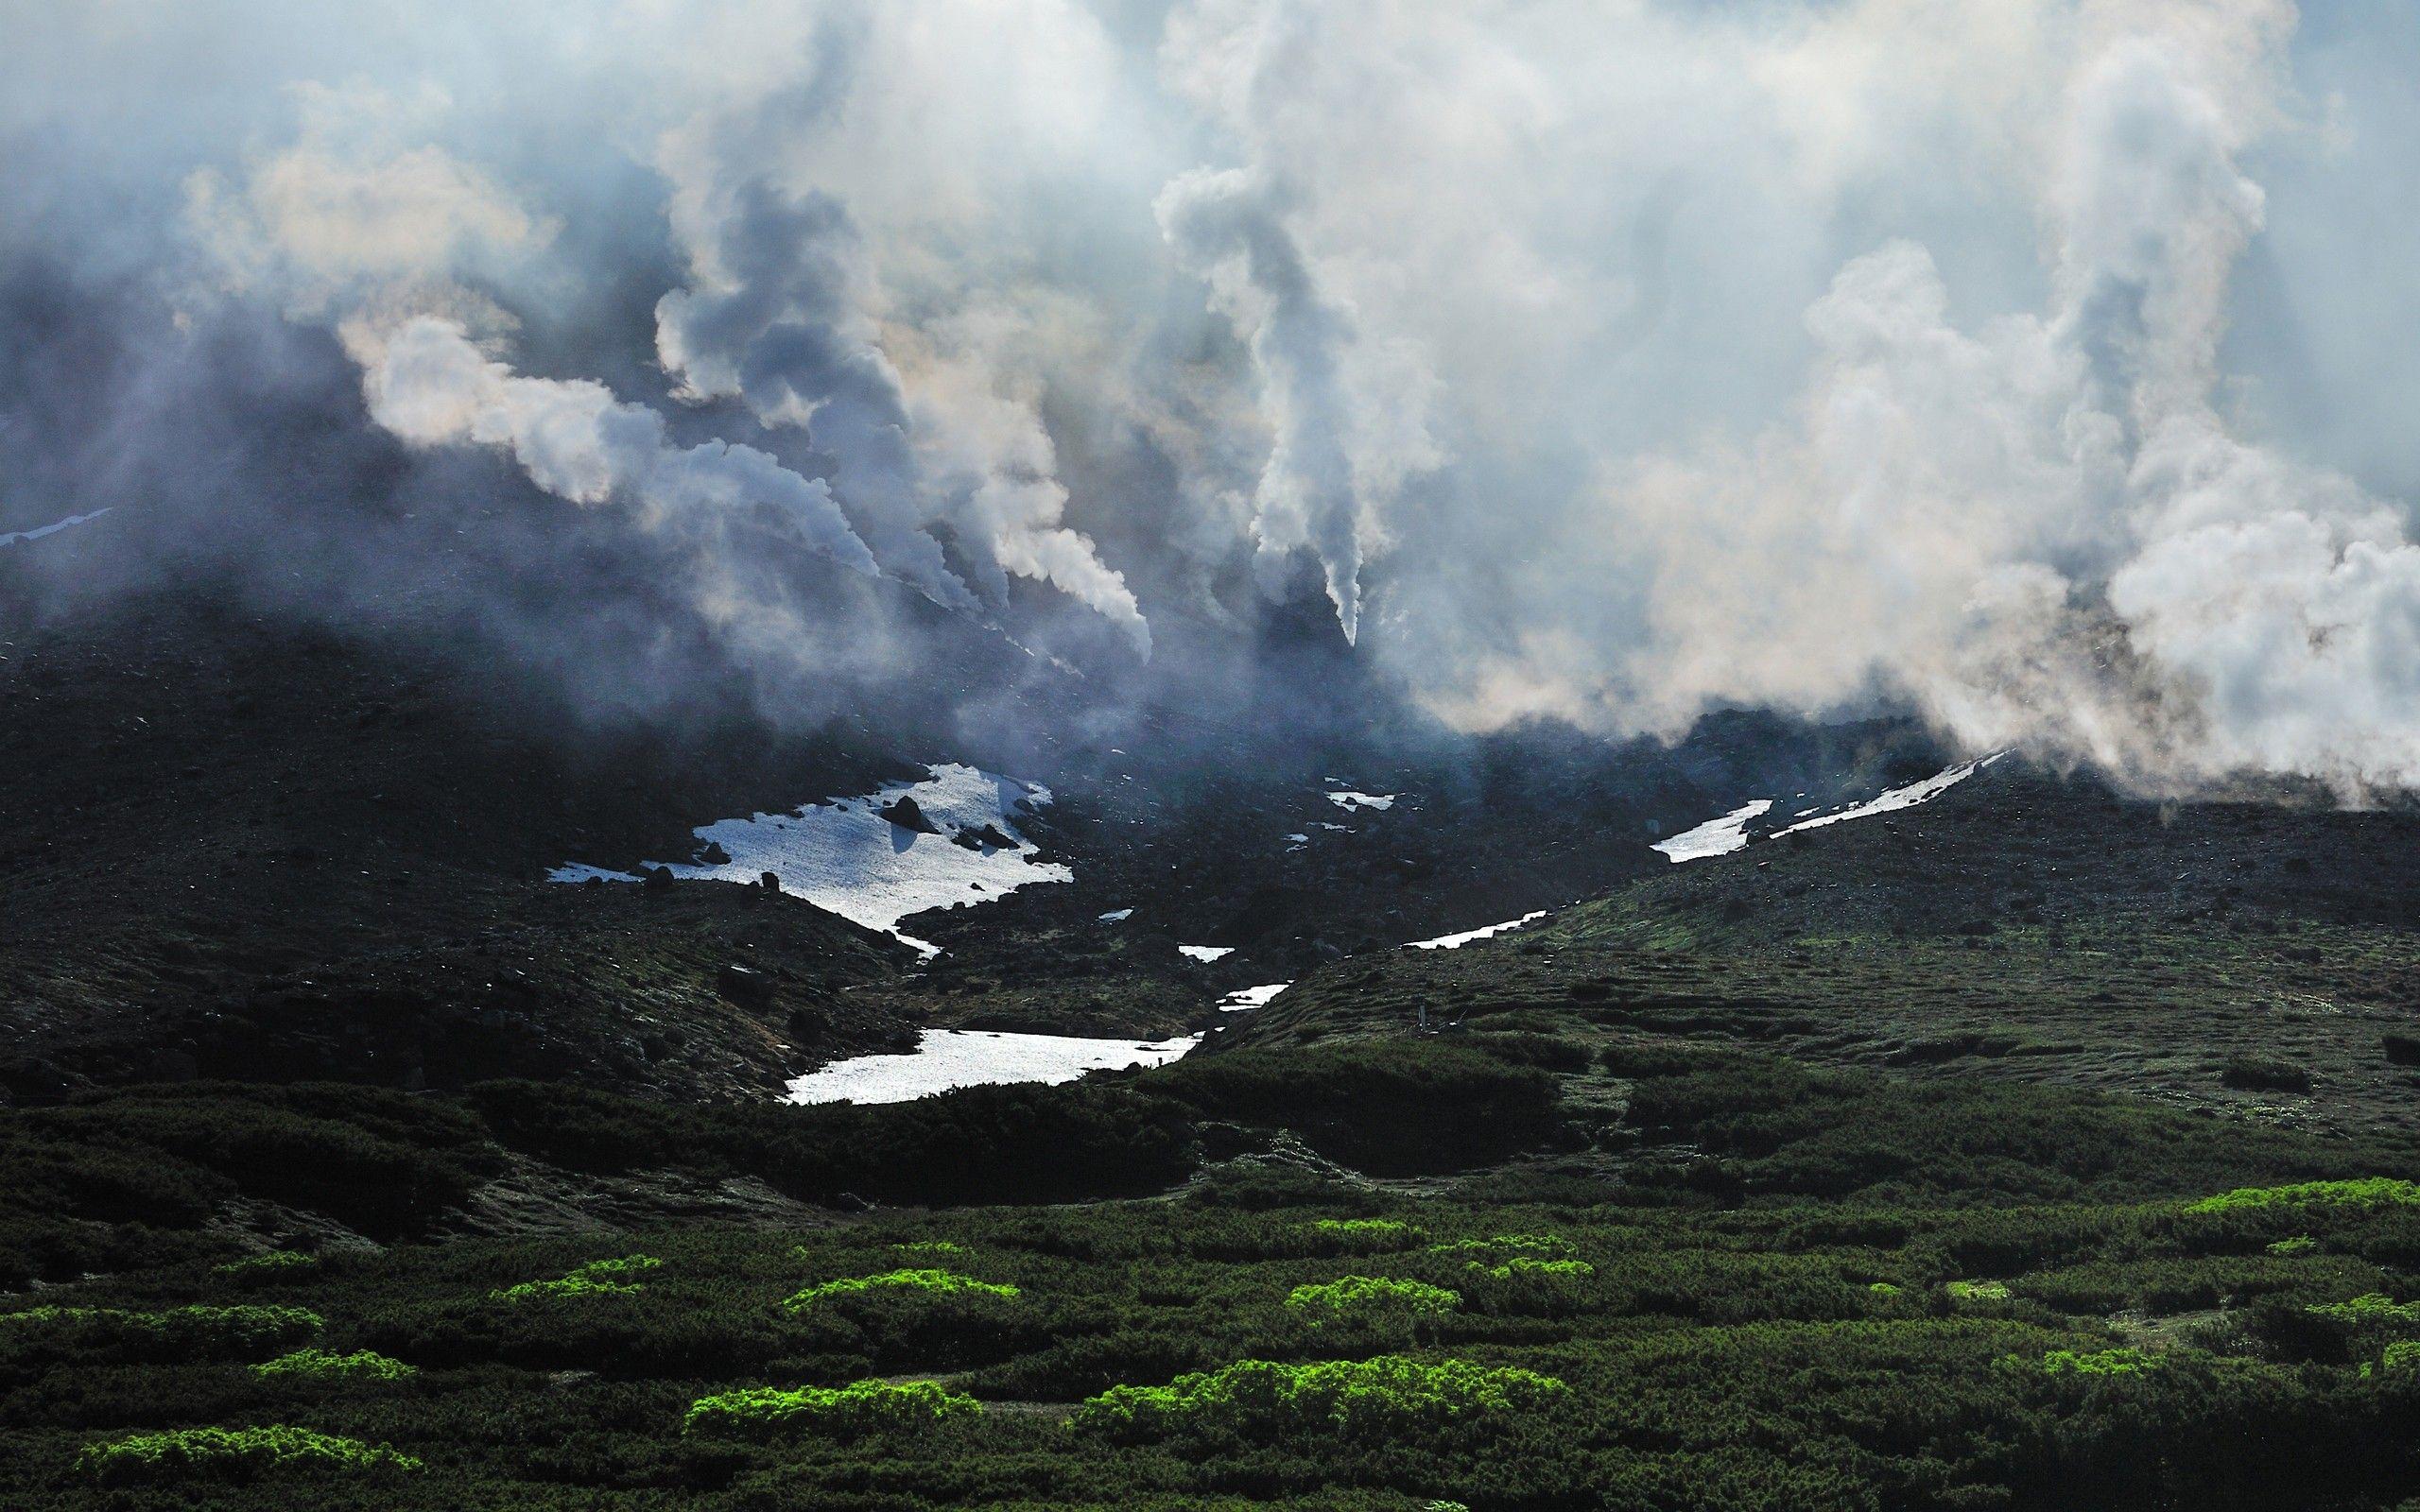 Japan Mountains Clouds Landscapes Asia Wallpaper 2629737 Wallbase Cc Landscape Wallpaper Japan Landscape Landscape